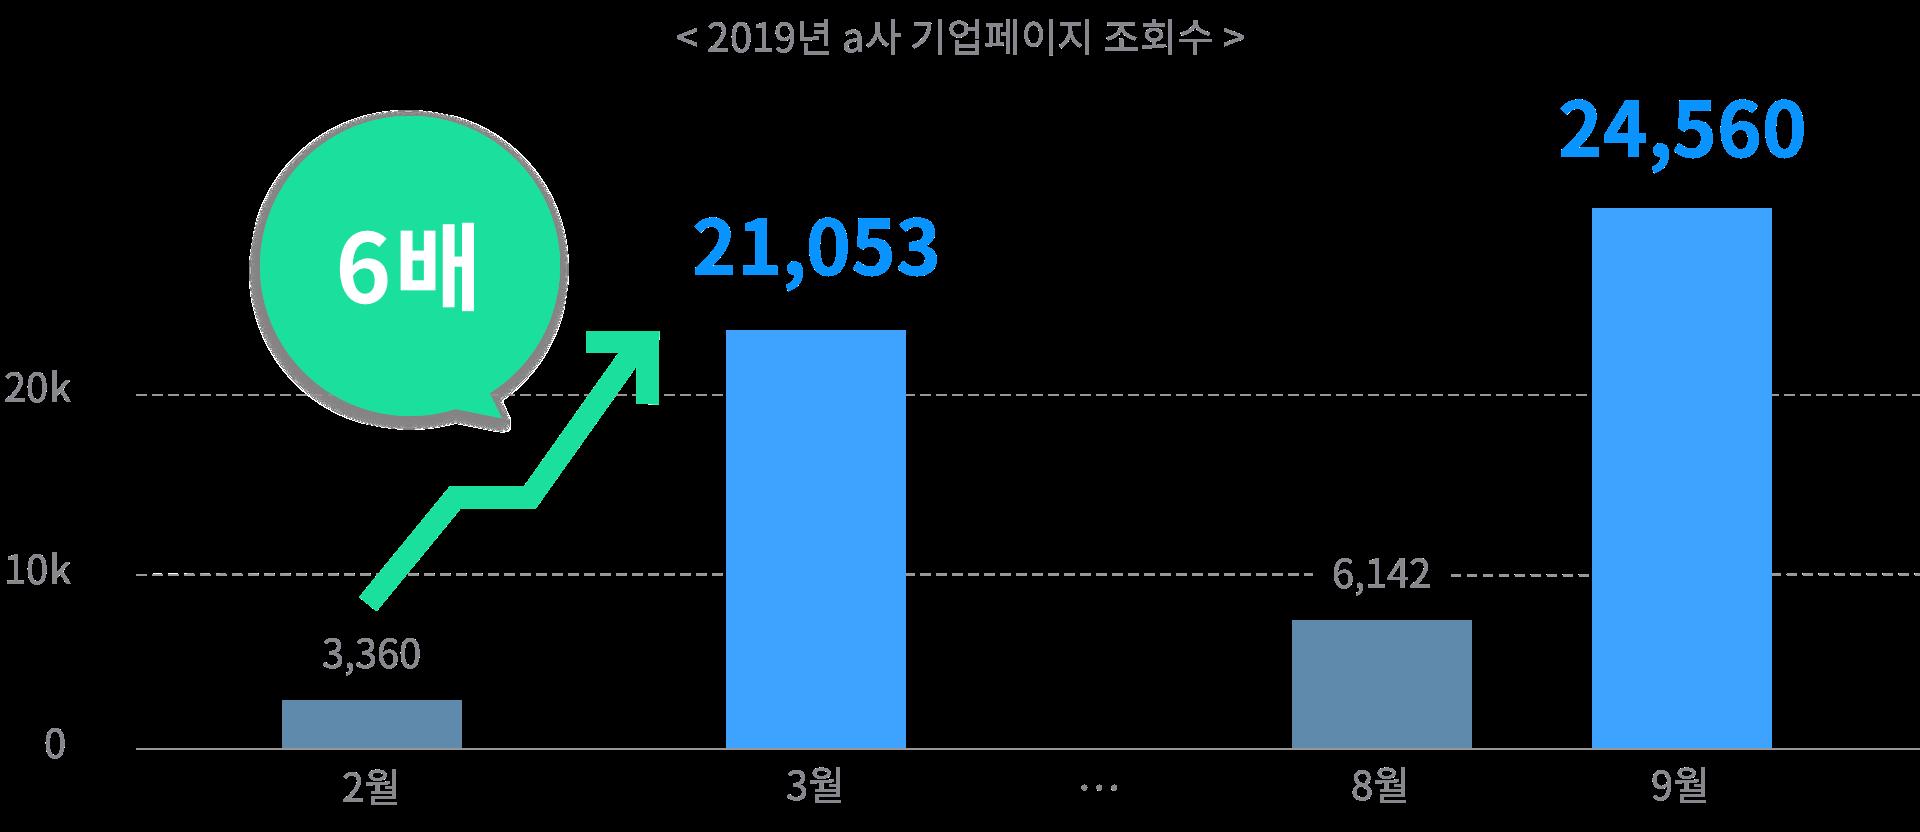 2019년 a사 기업페이지 조회수가 채용 시즌에 최대 6배 증가하는 그래프